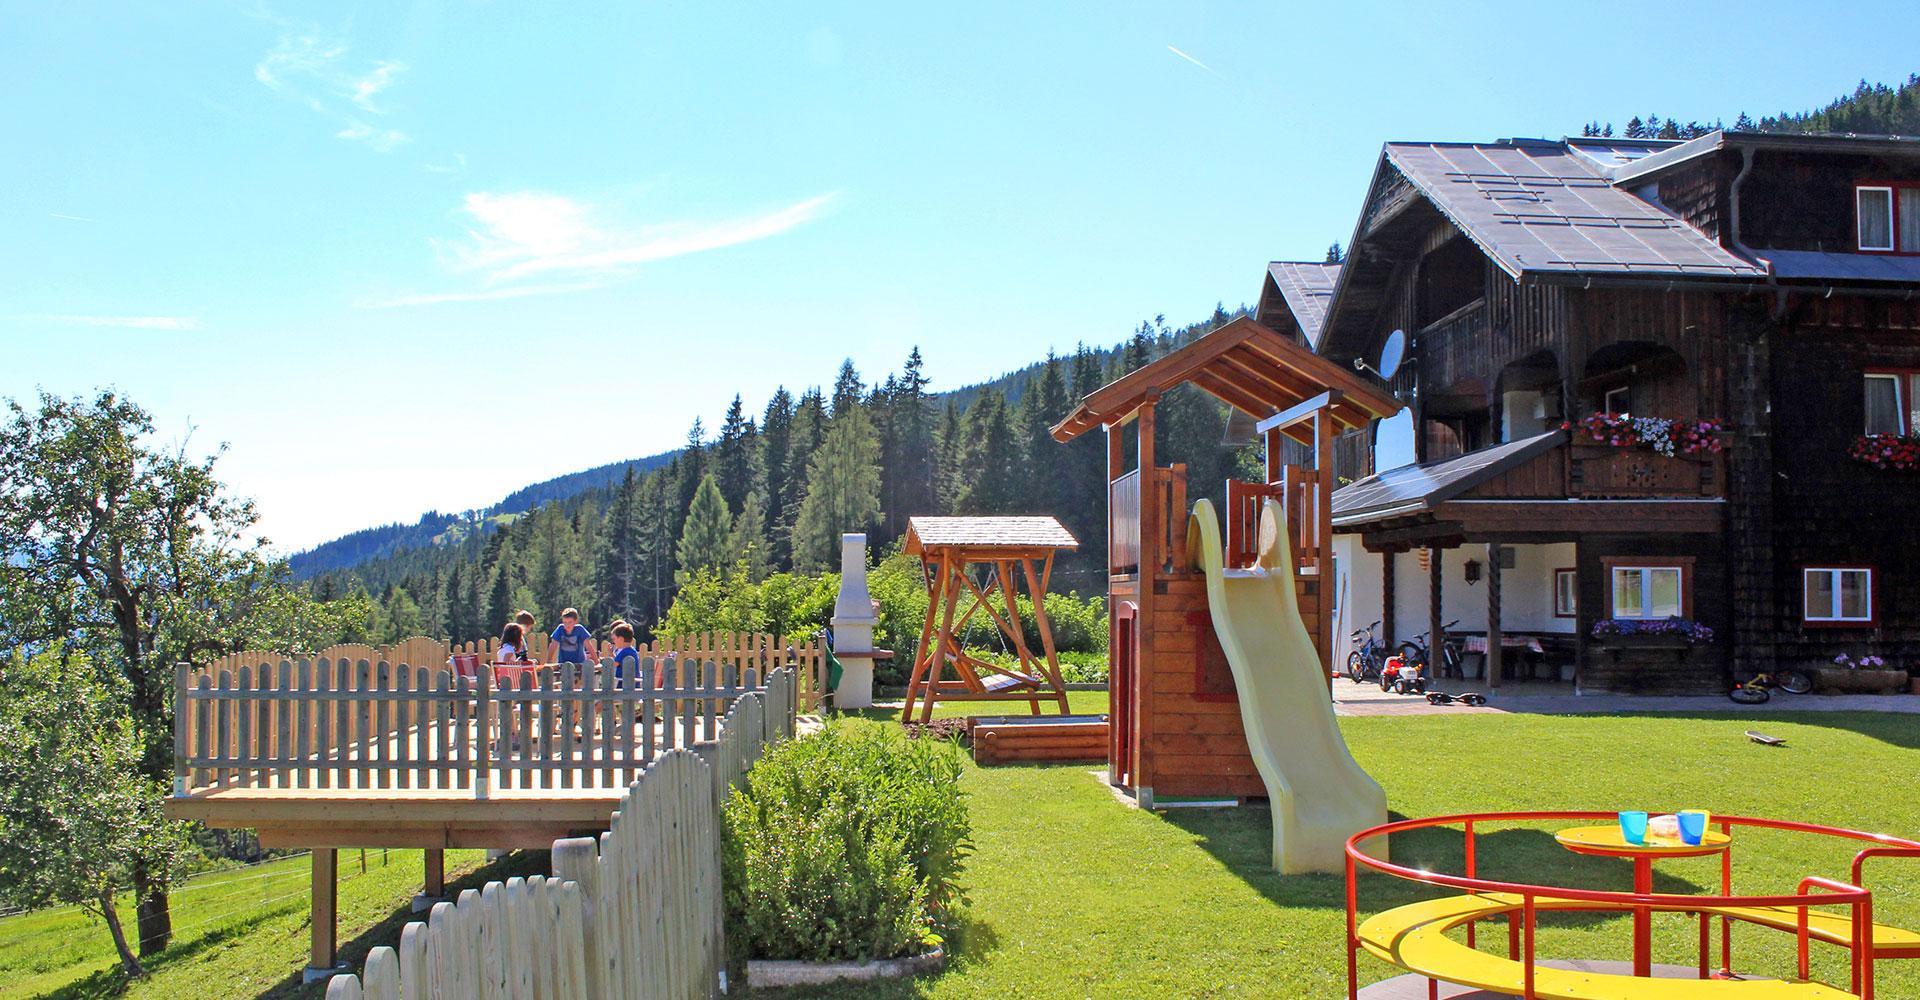 Urlaub mit Kindern, Urlaub auf dem Bauernhof in Radstadt, Salzburger Land